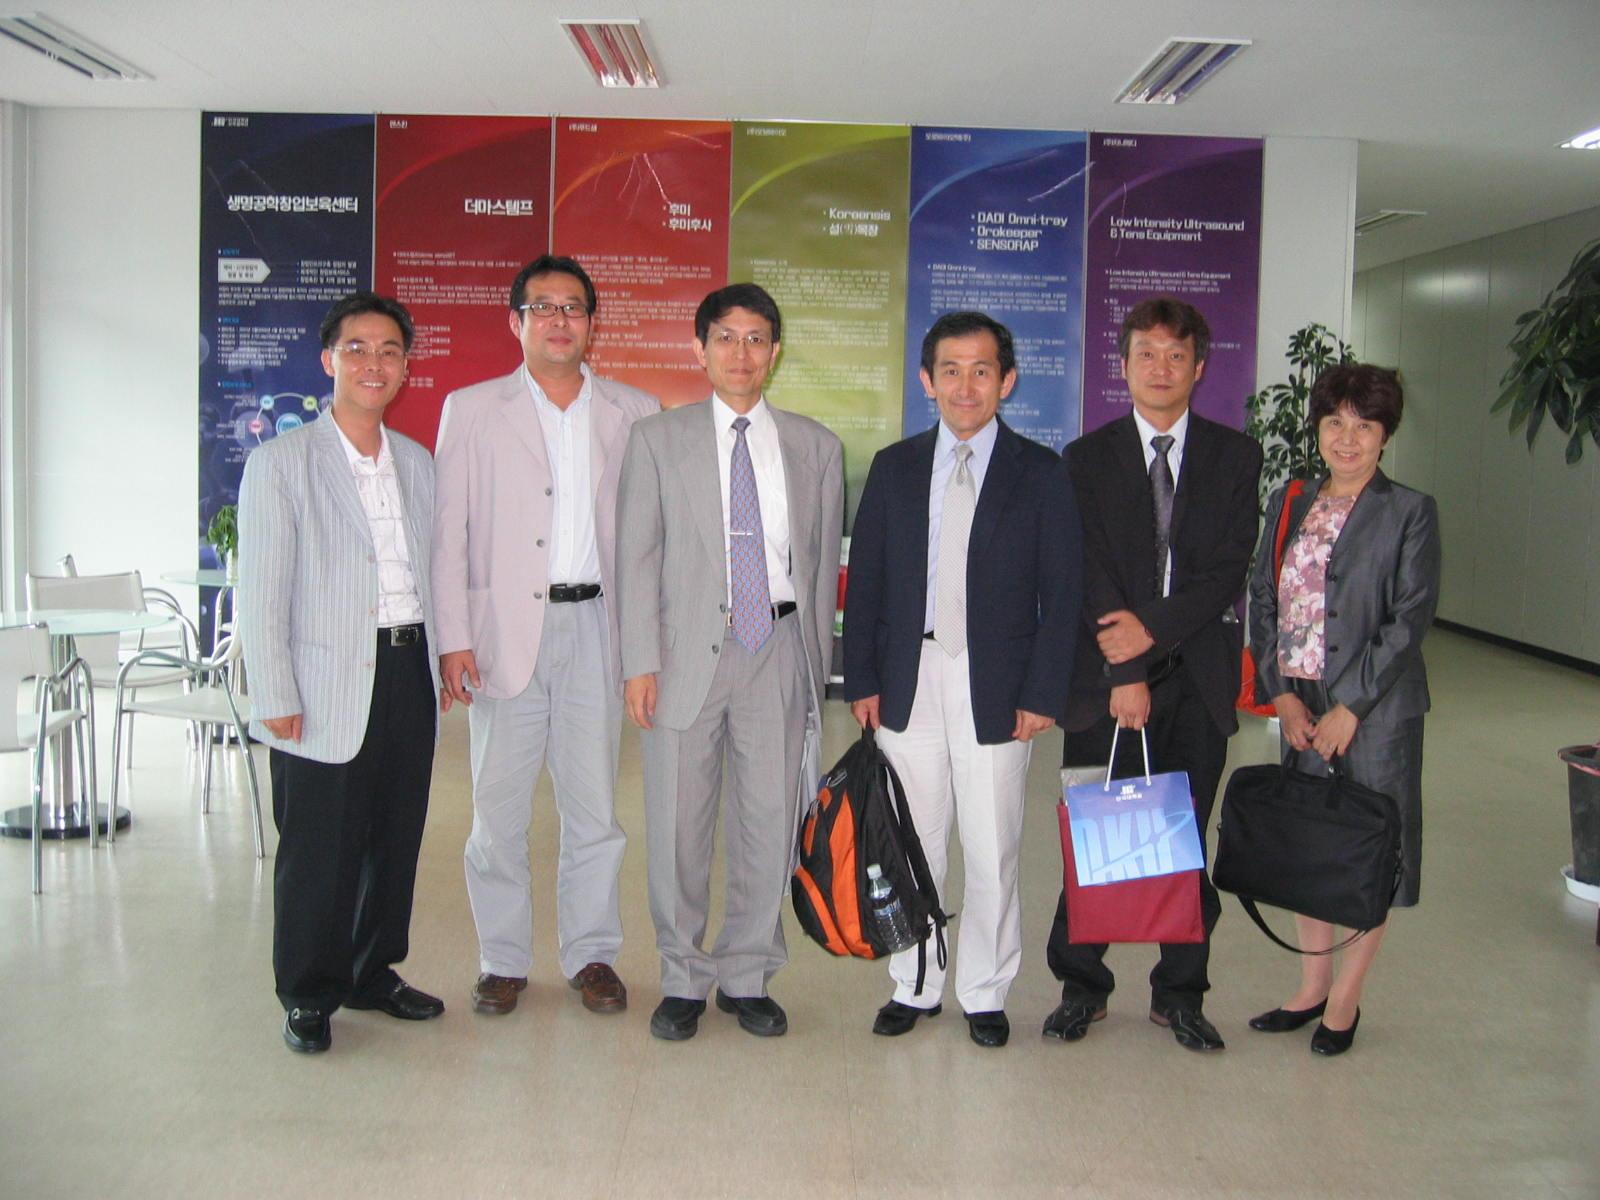 20080925카나자와대학팀 DKU방문시